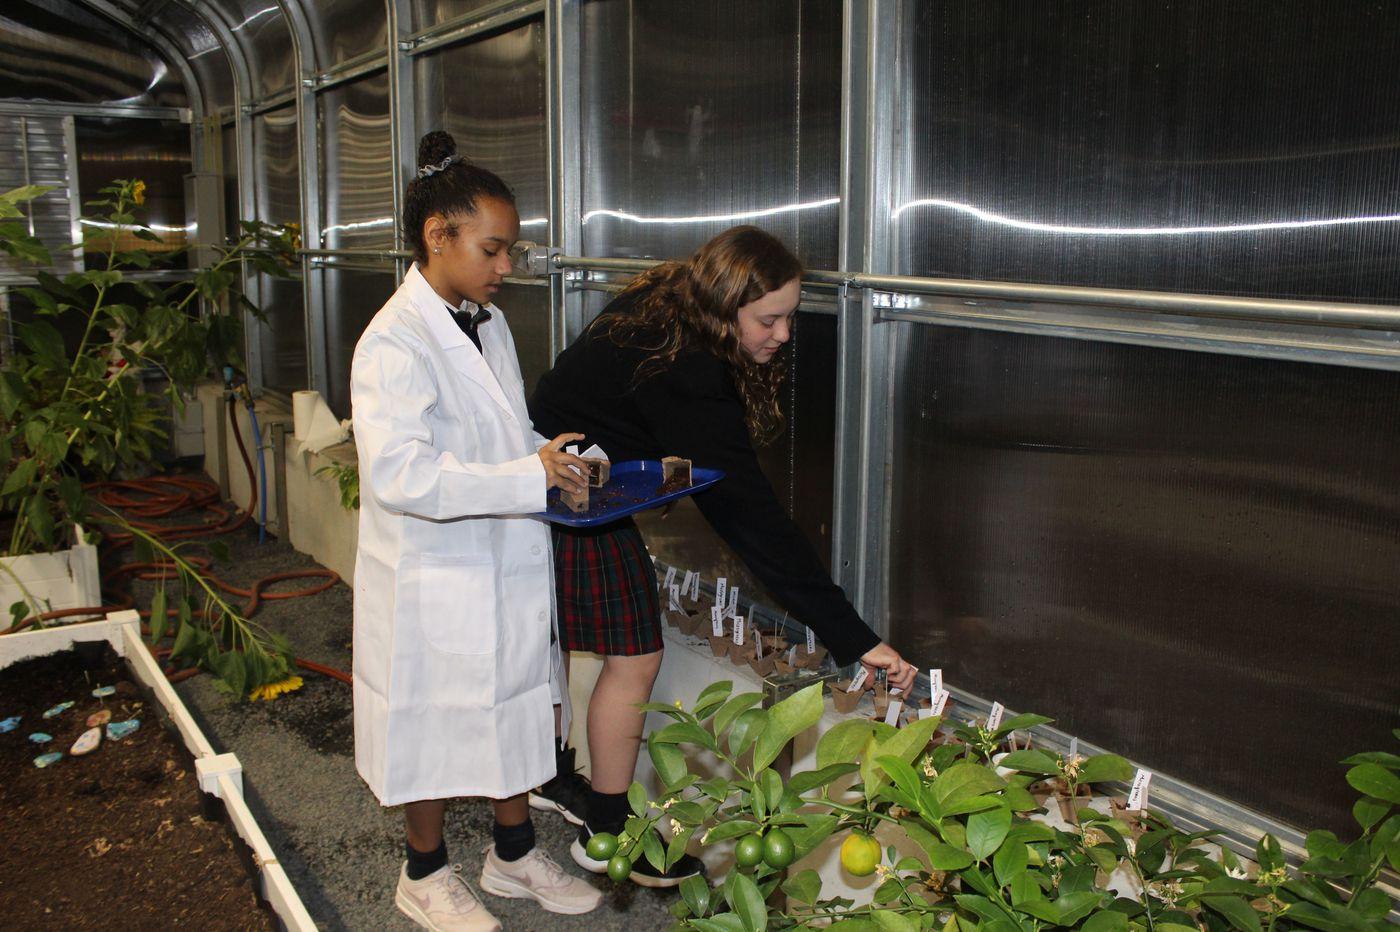 Gwynedd-Mercy Academy Elementary Only PA School to Earn Green Ribbon Award for 2020